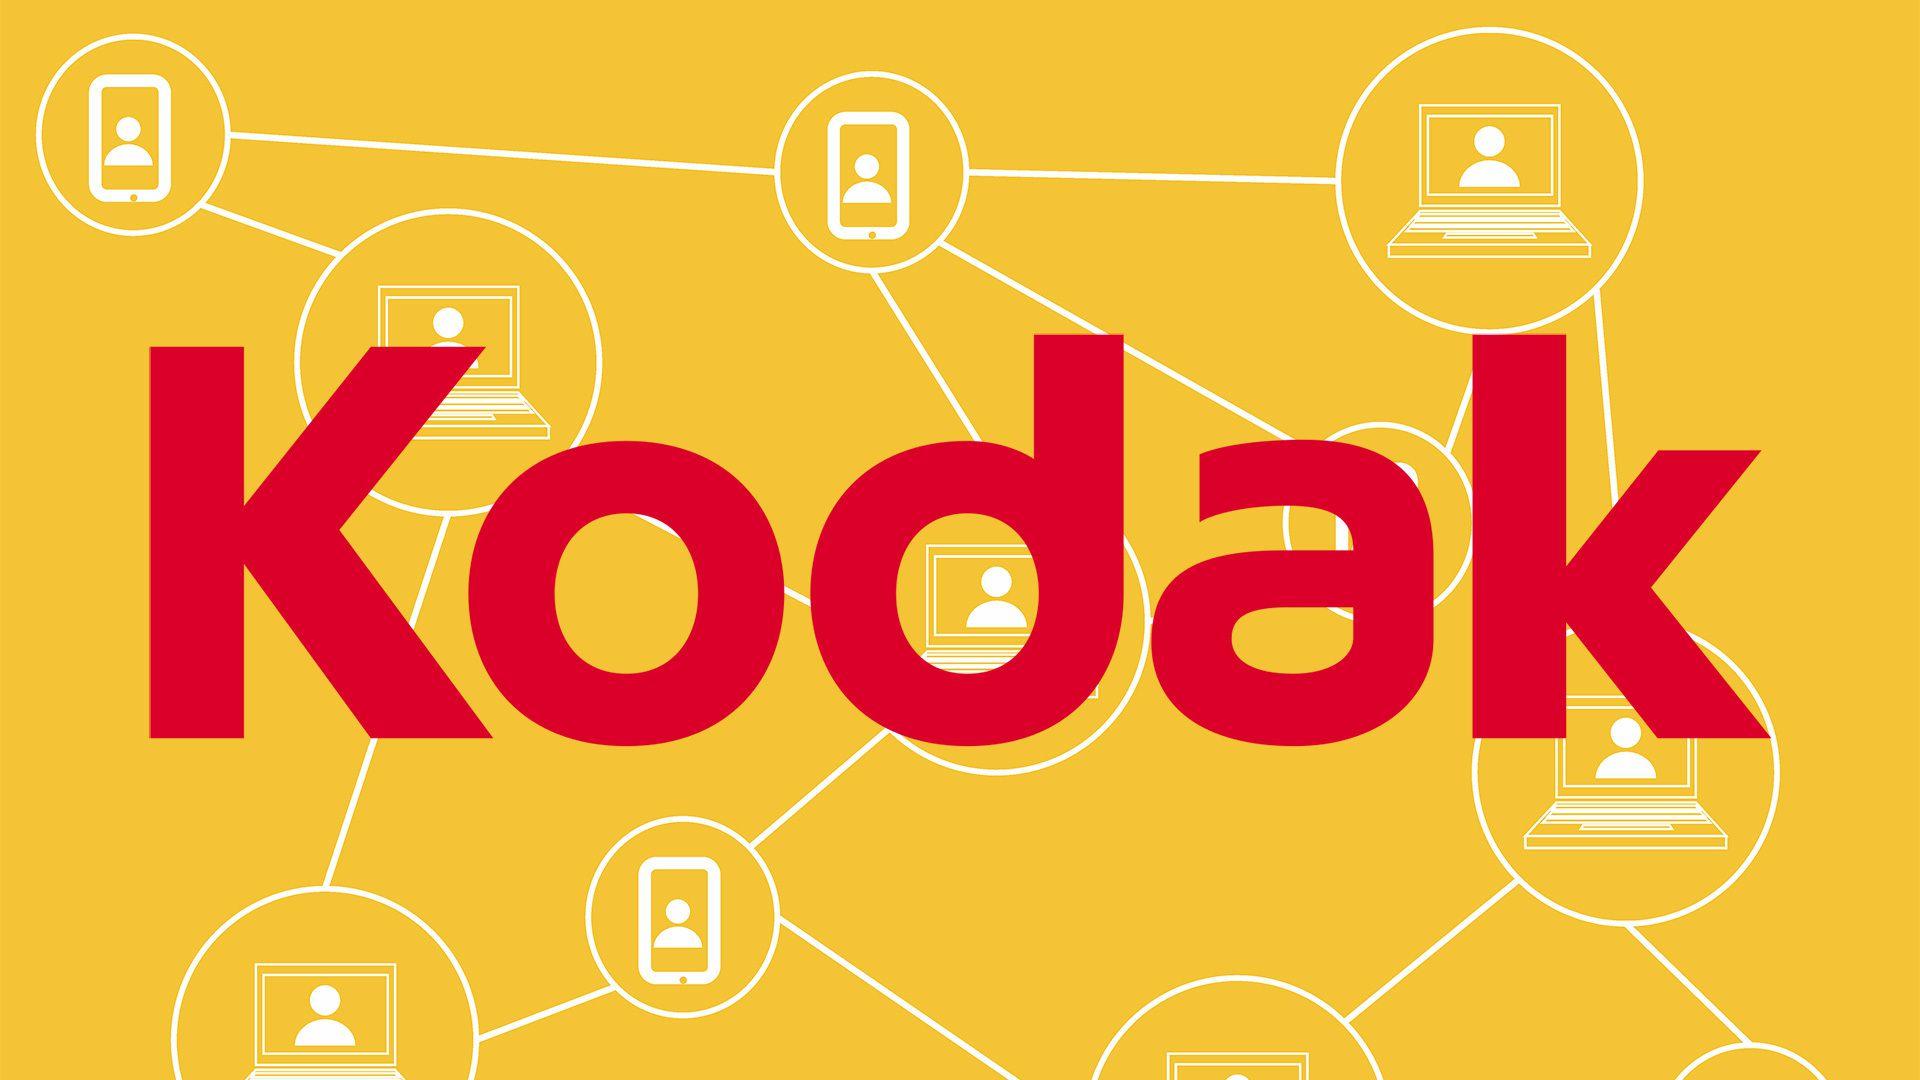 شركة كوداك تدخل عالم البلوكشين عبر منتج جديد